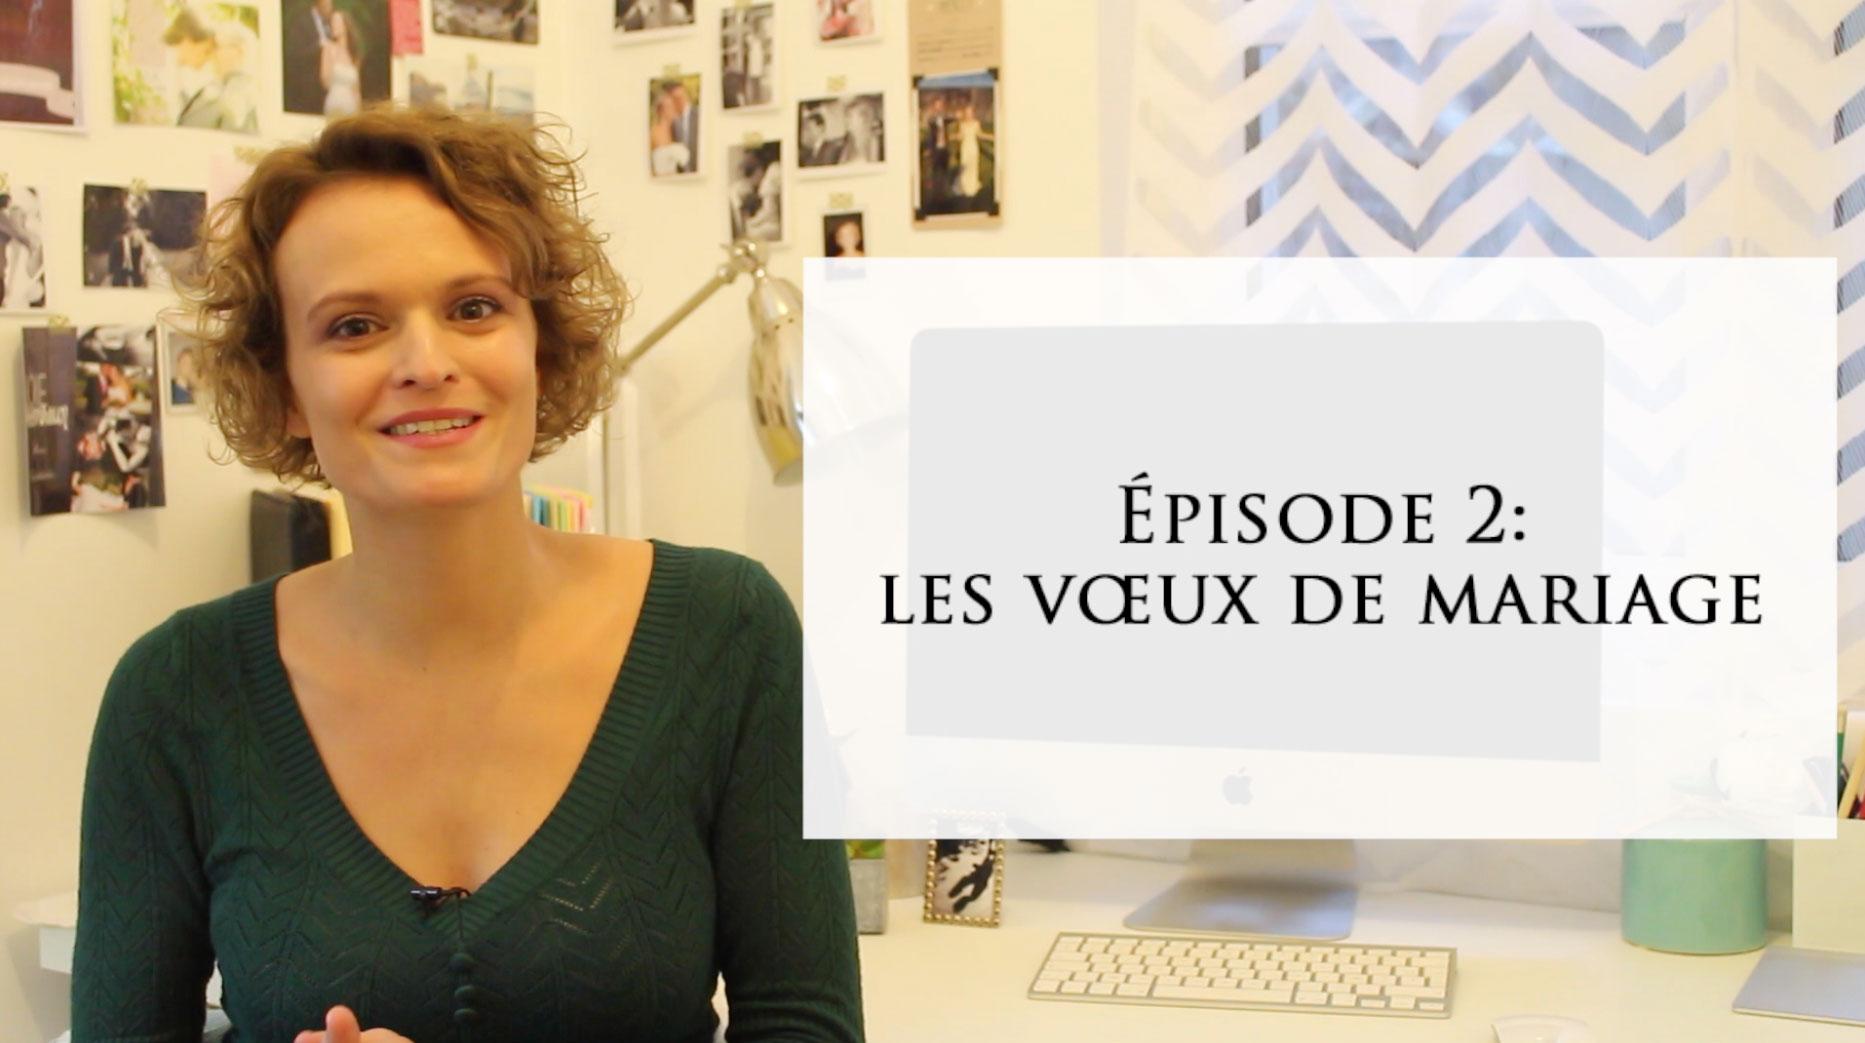 comment avoir un plan cul Saint-Martinplan cul pour femme Paris